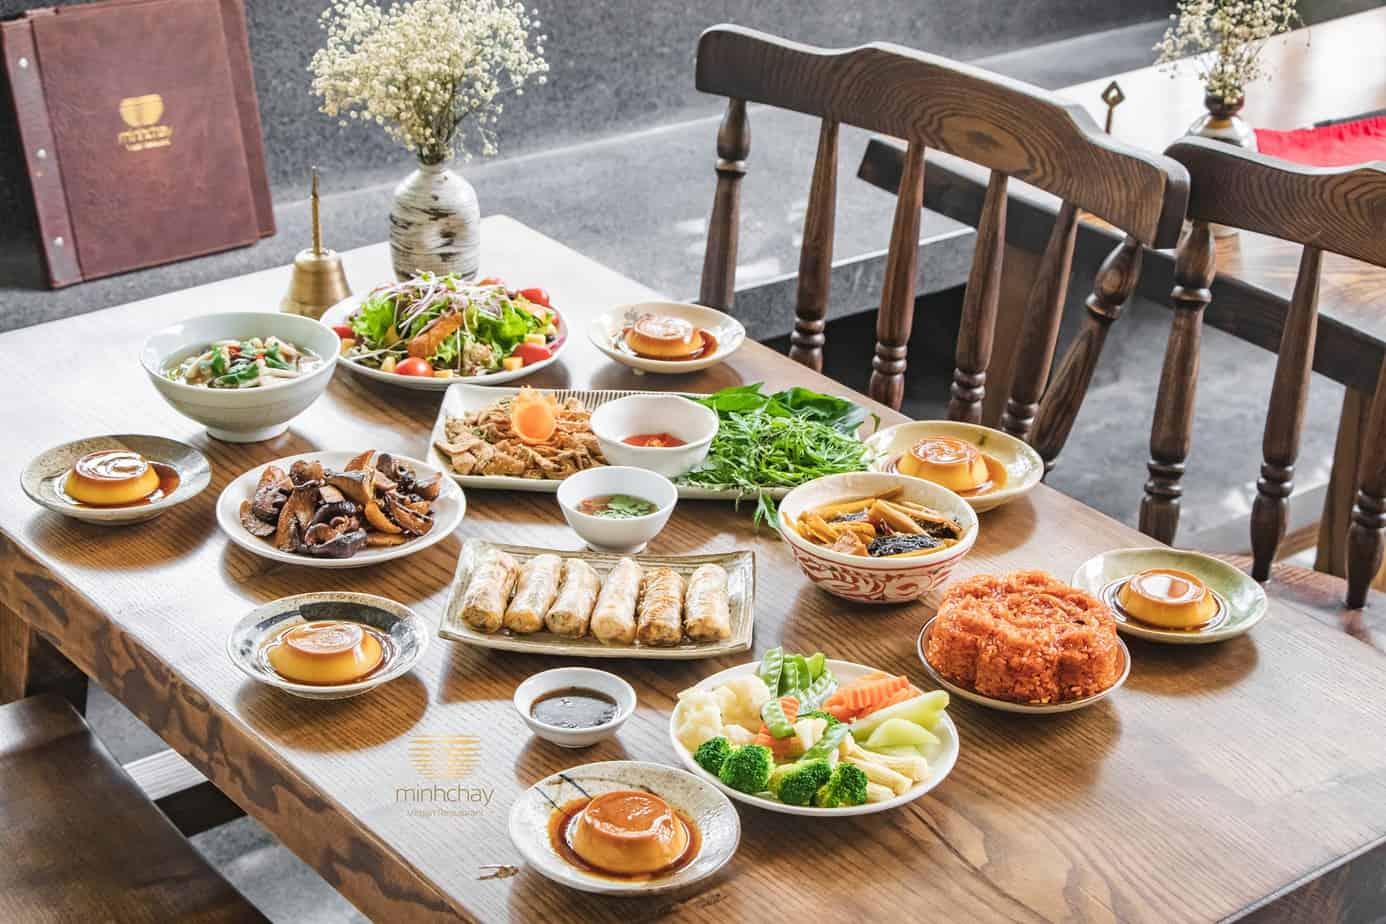 Top 10 Địa Điểm Dạy Nấu Món Ăn Chay Nổi Tiếng Tại Hà Nội - địa điểm dạy nấu món ăn chay nổi tiếng tại hà nội - CÔNG TY CỔ PHẦN GIÁO DỤC VIỆT NAM | Hà Nội | Hướng Nghiệp Á Âu 27